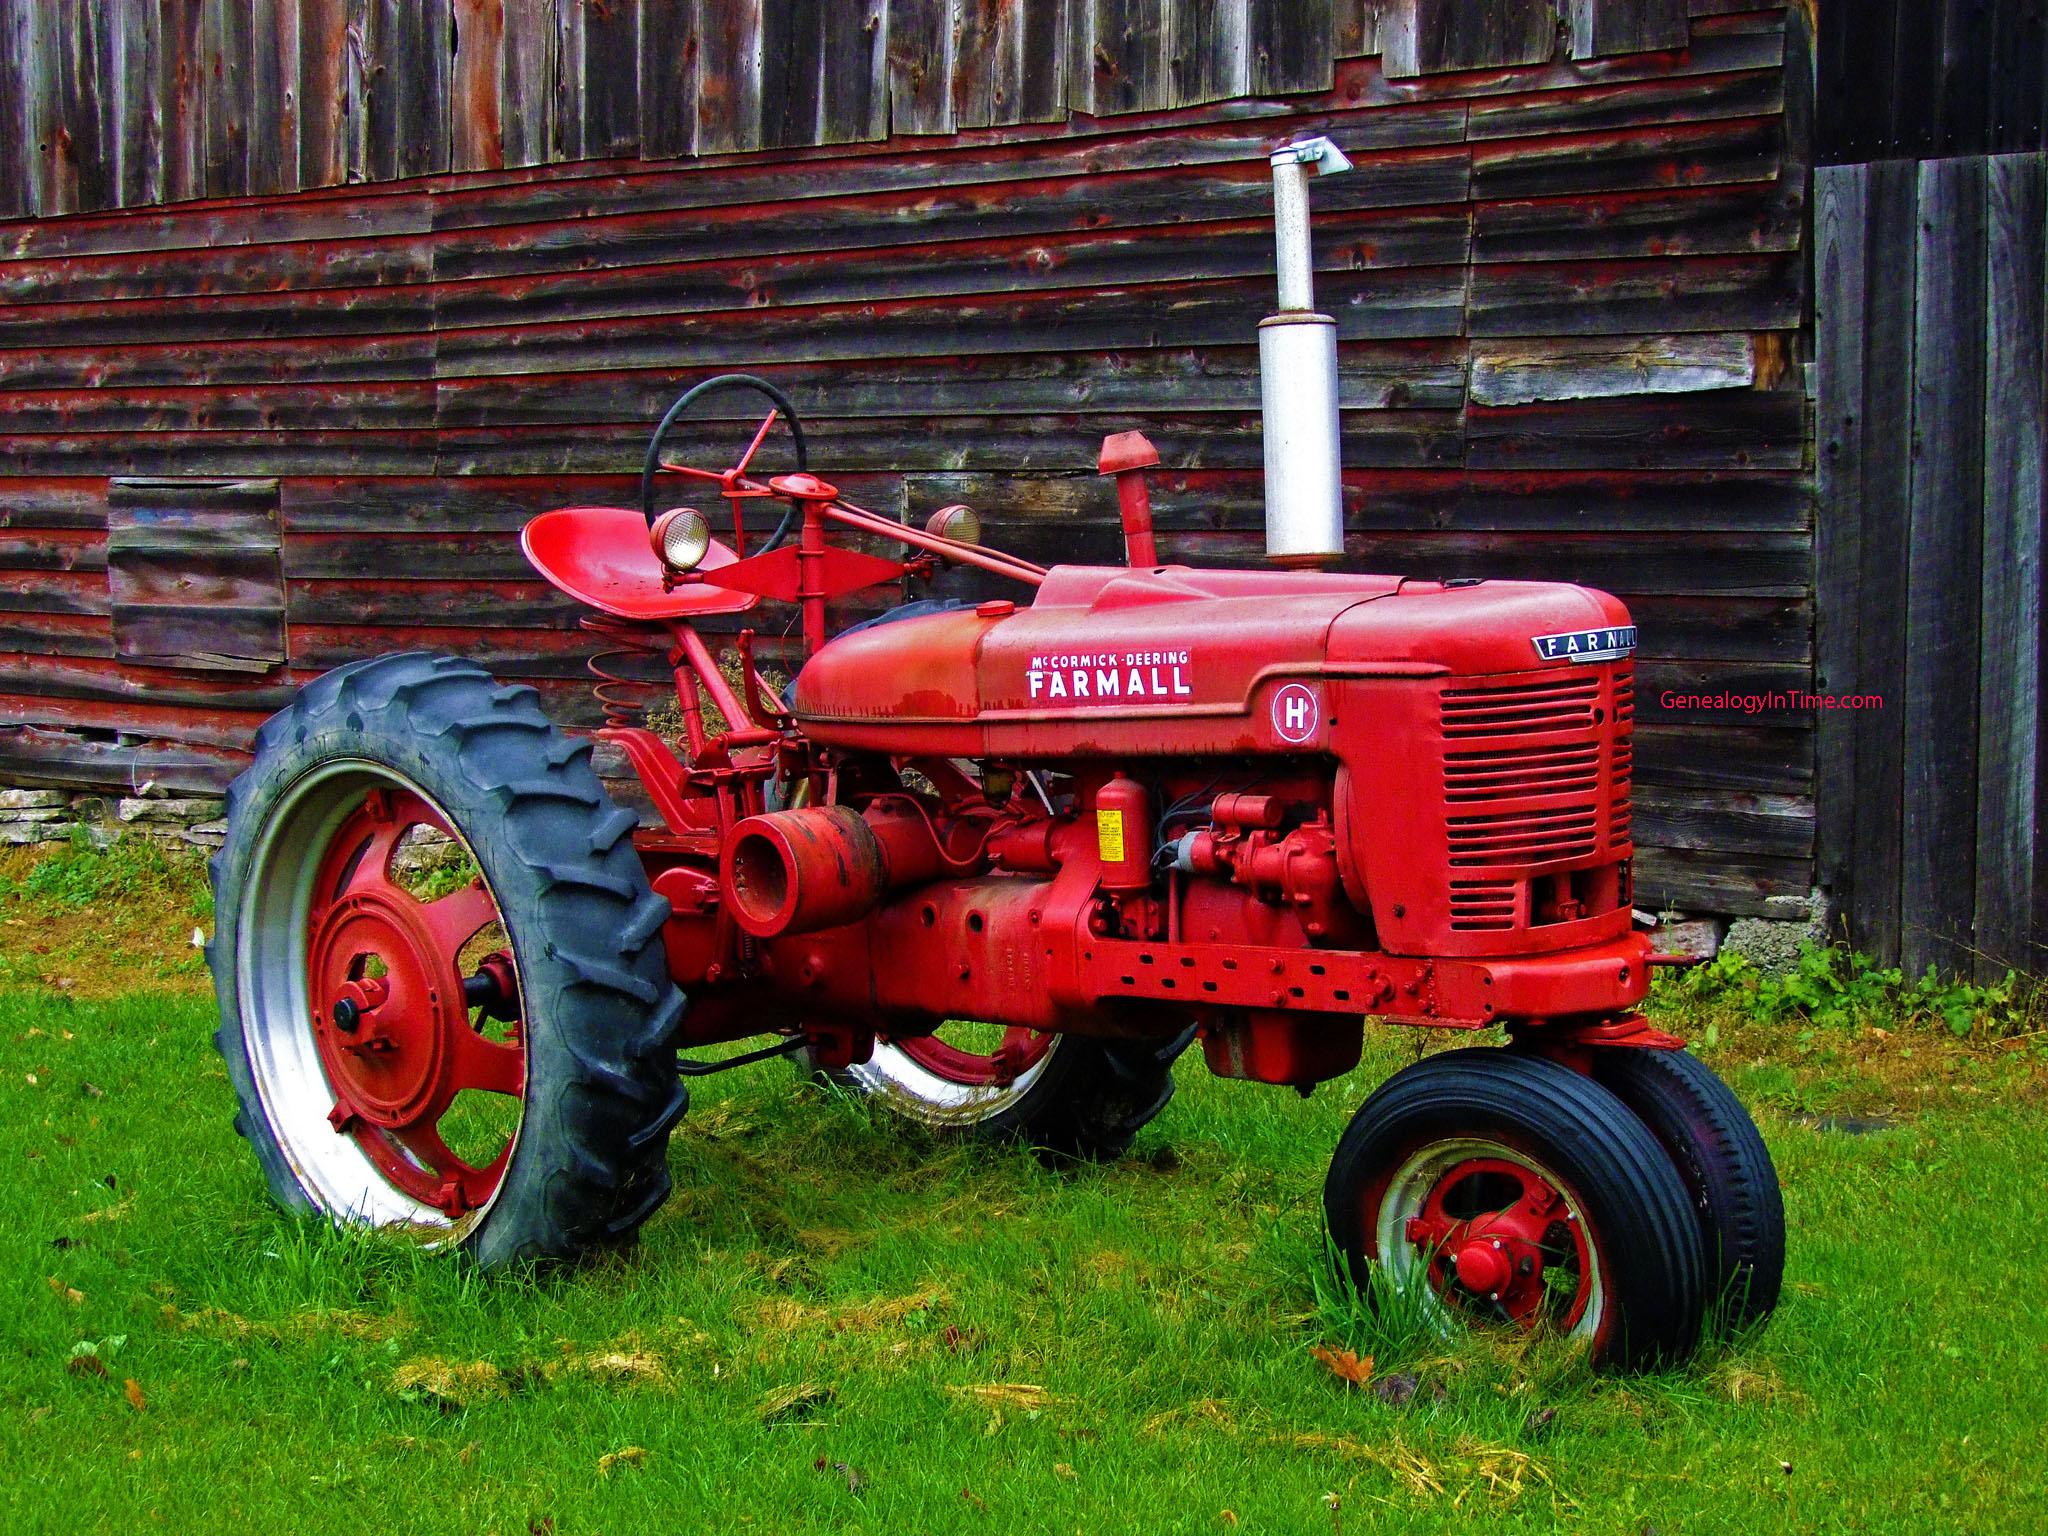 Farm Tractor Wallpaper Farmall Farm Tractor